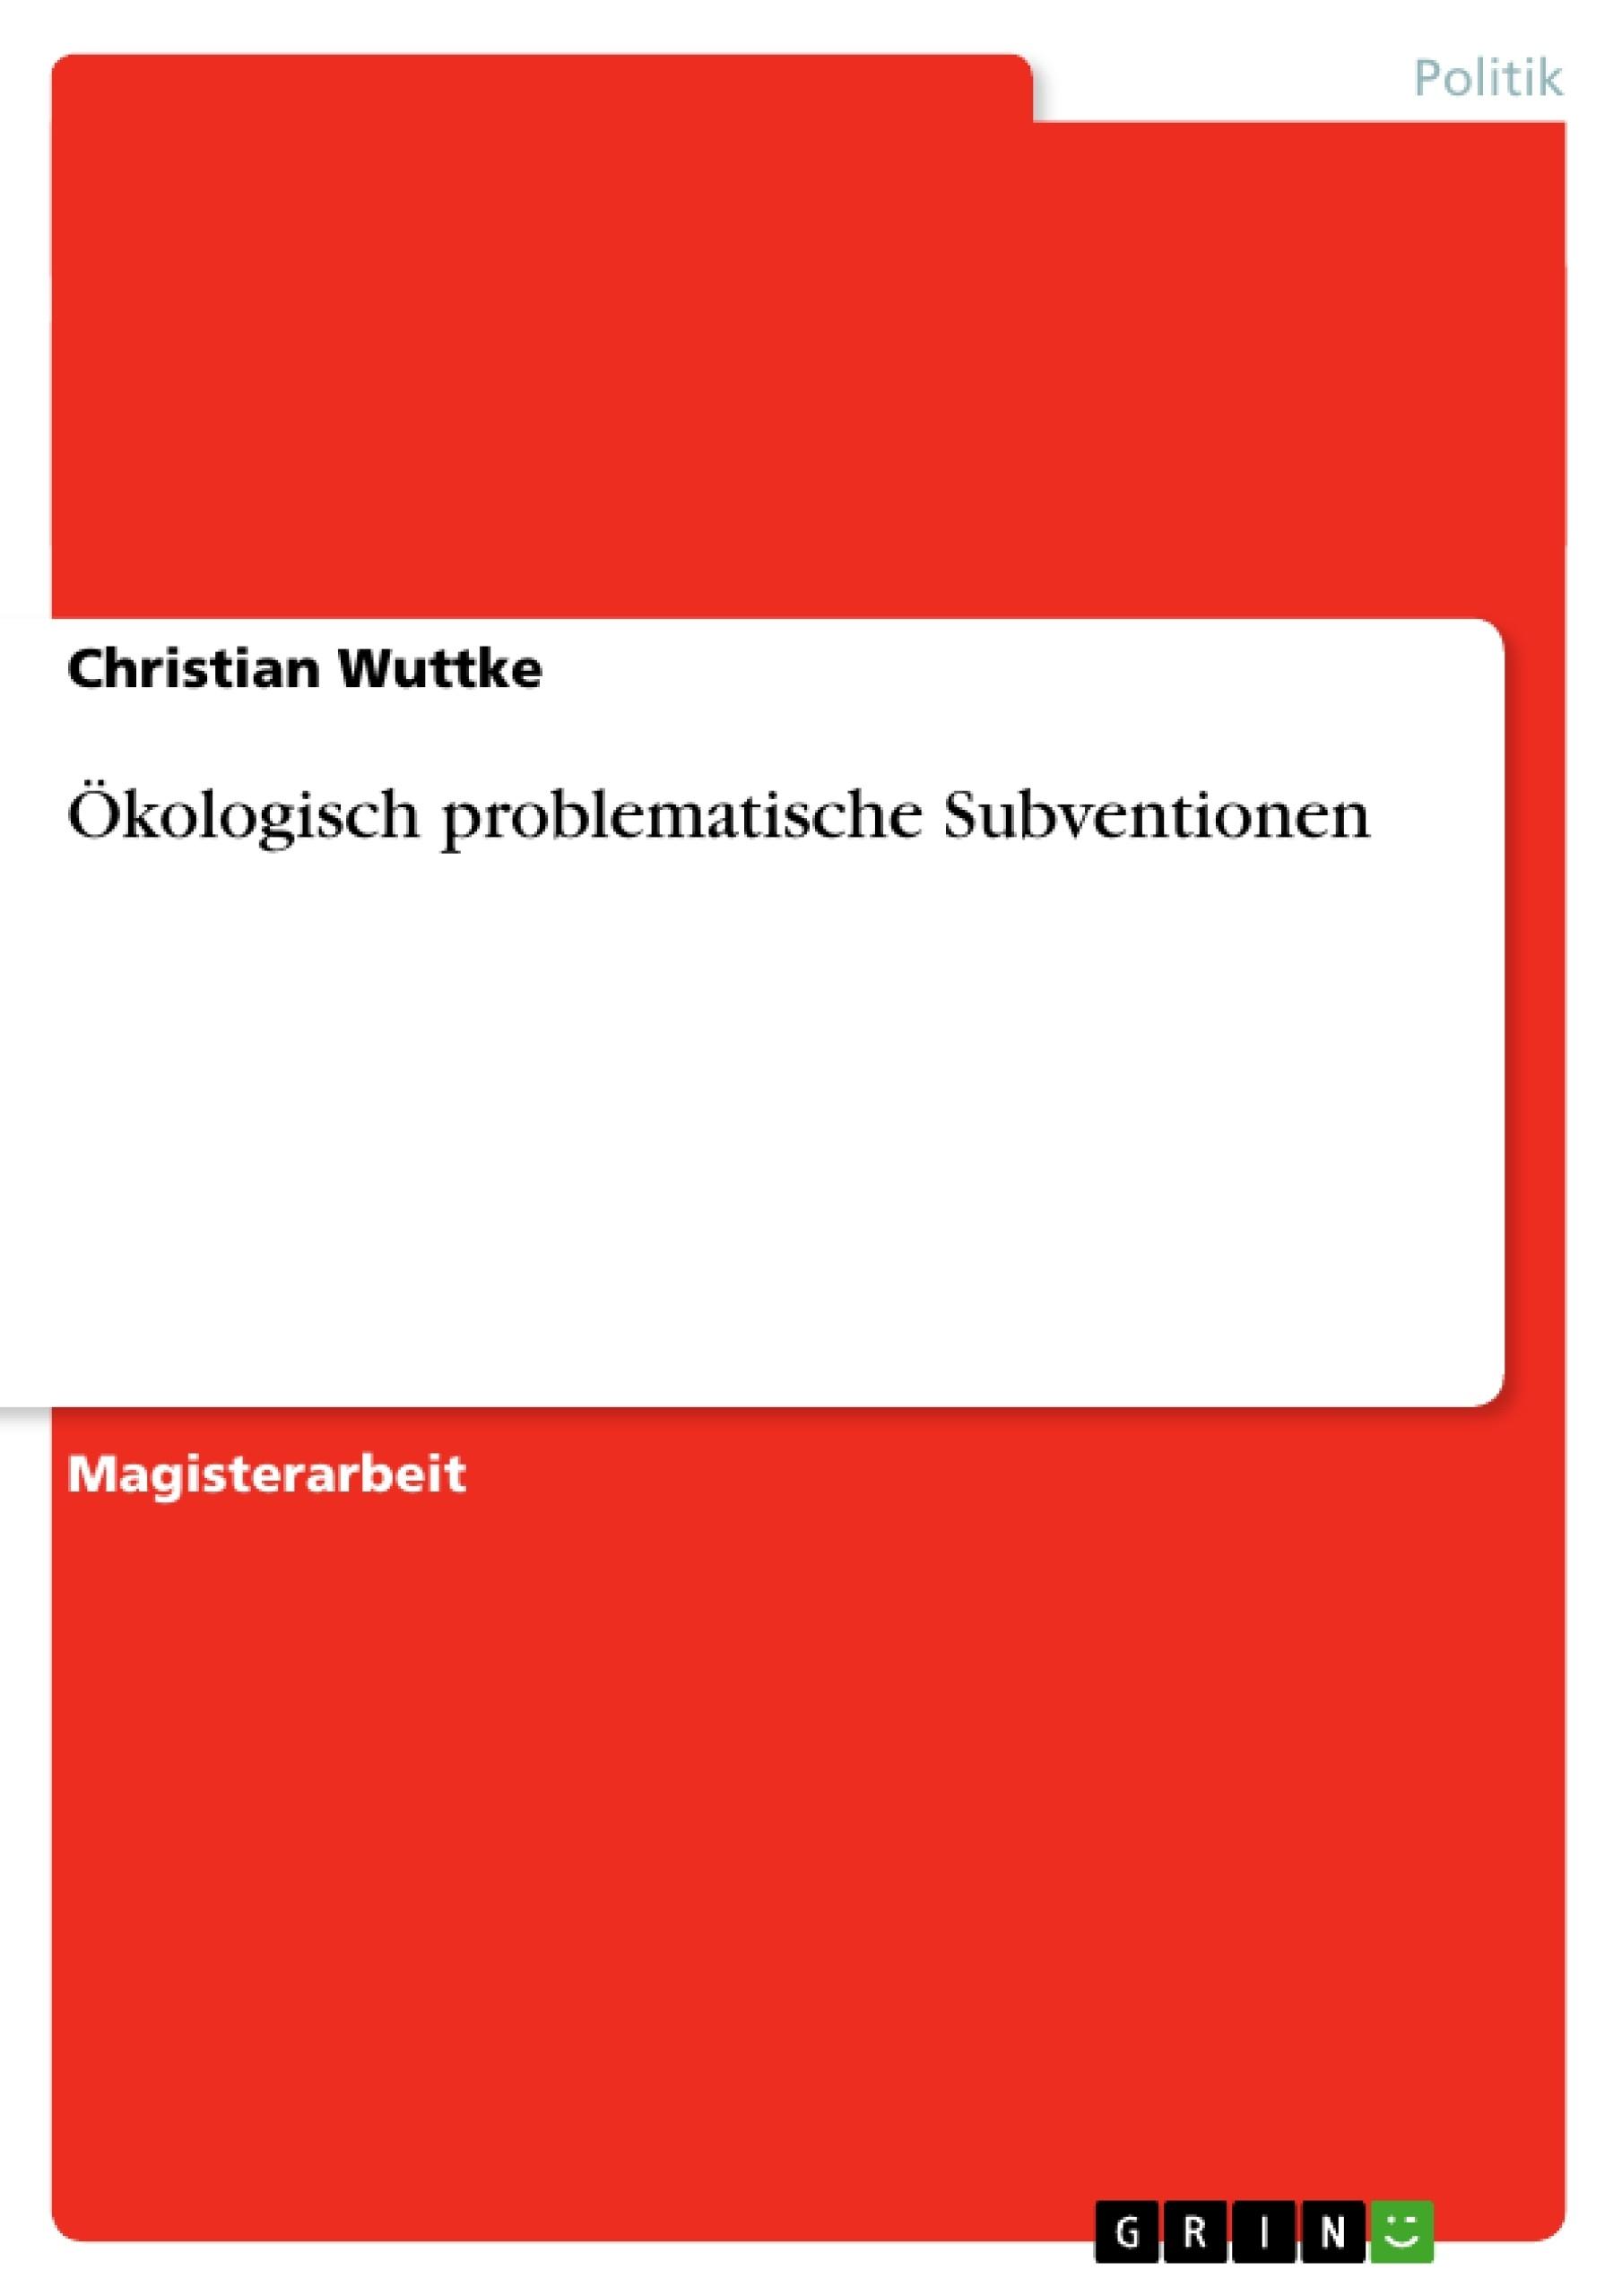 Titel: Ökologisch problematische Subventionen